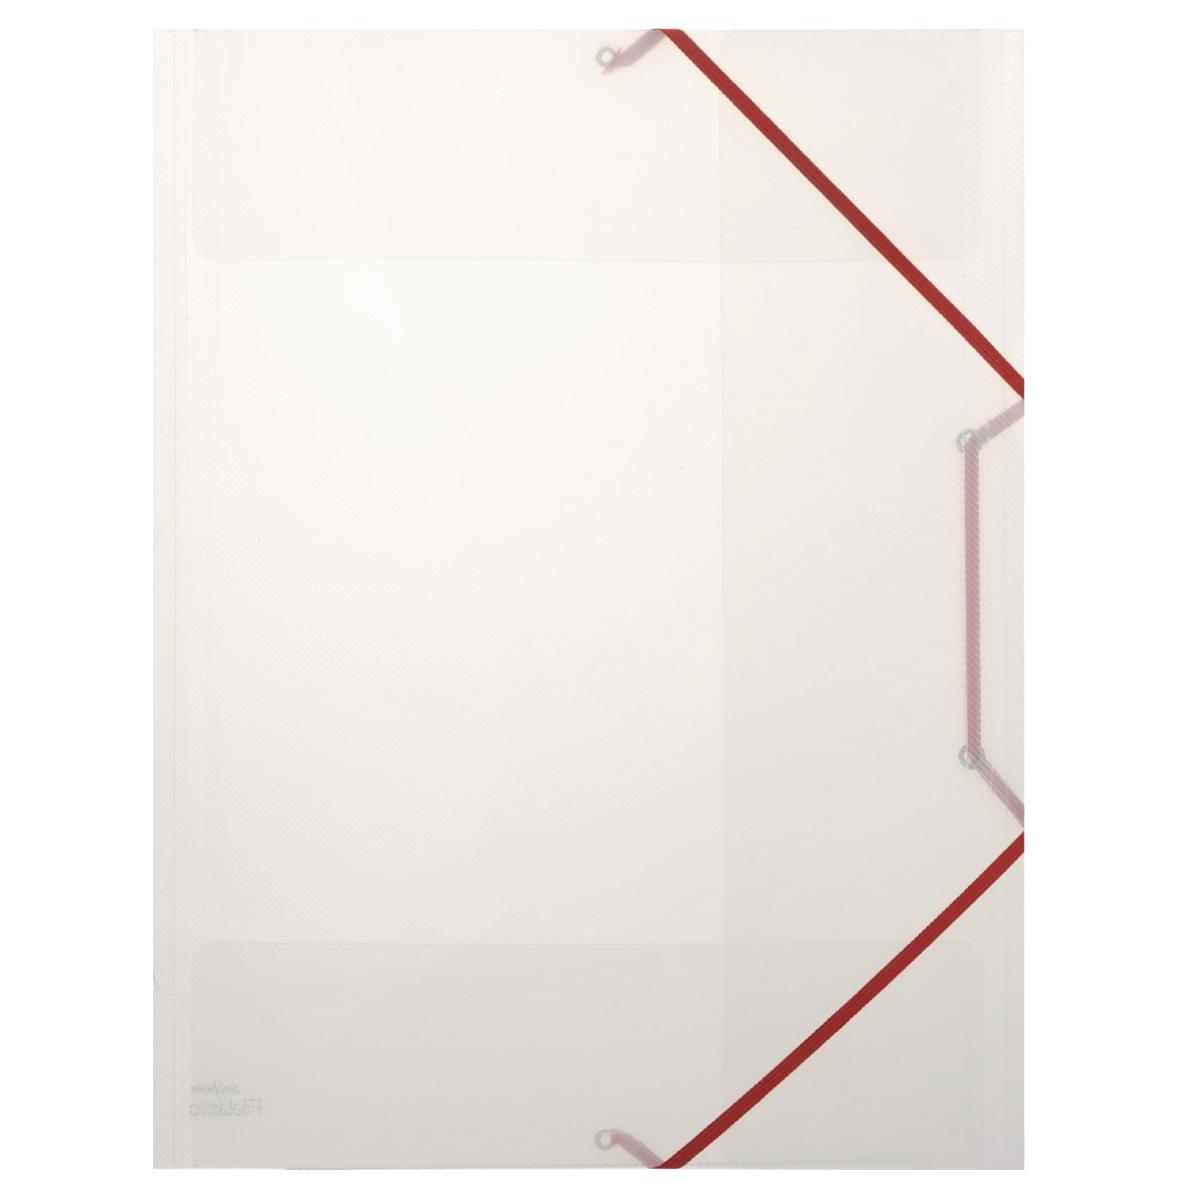 Папка-конверт на резинке Snopake Filelastic, цвет: прозрачный. Формат А3K13713